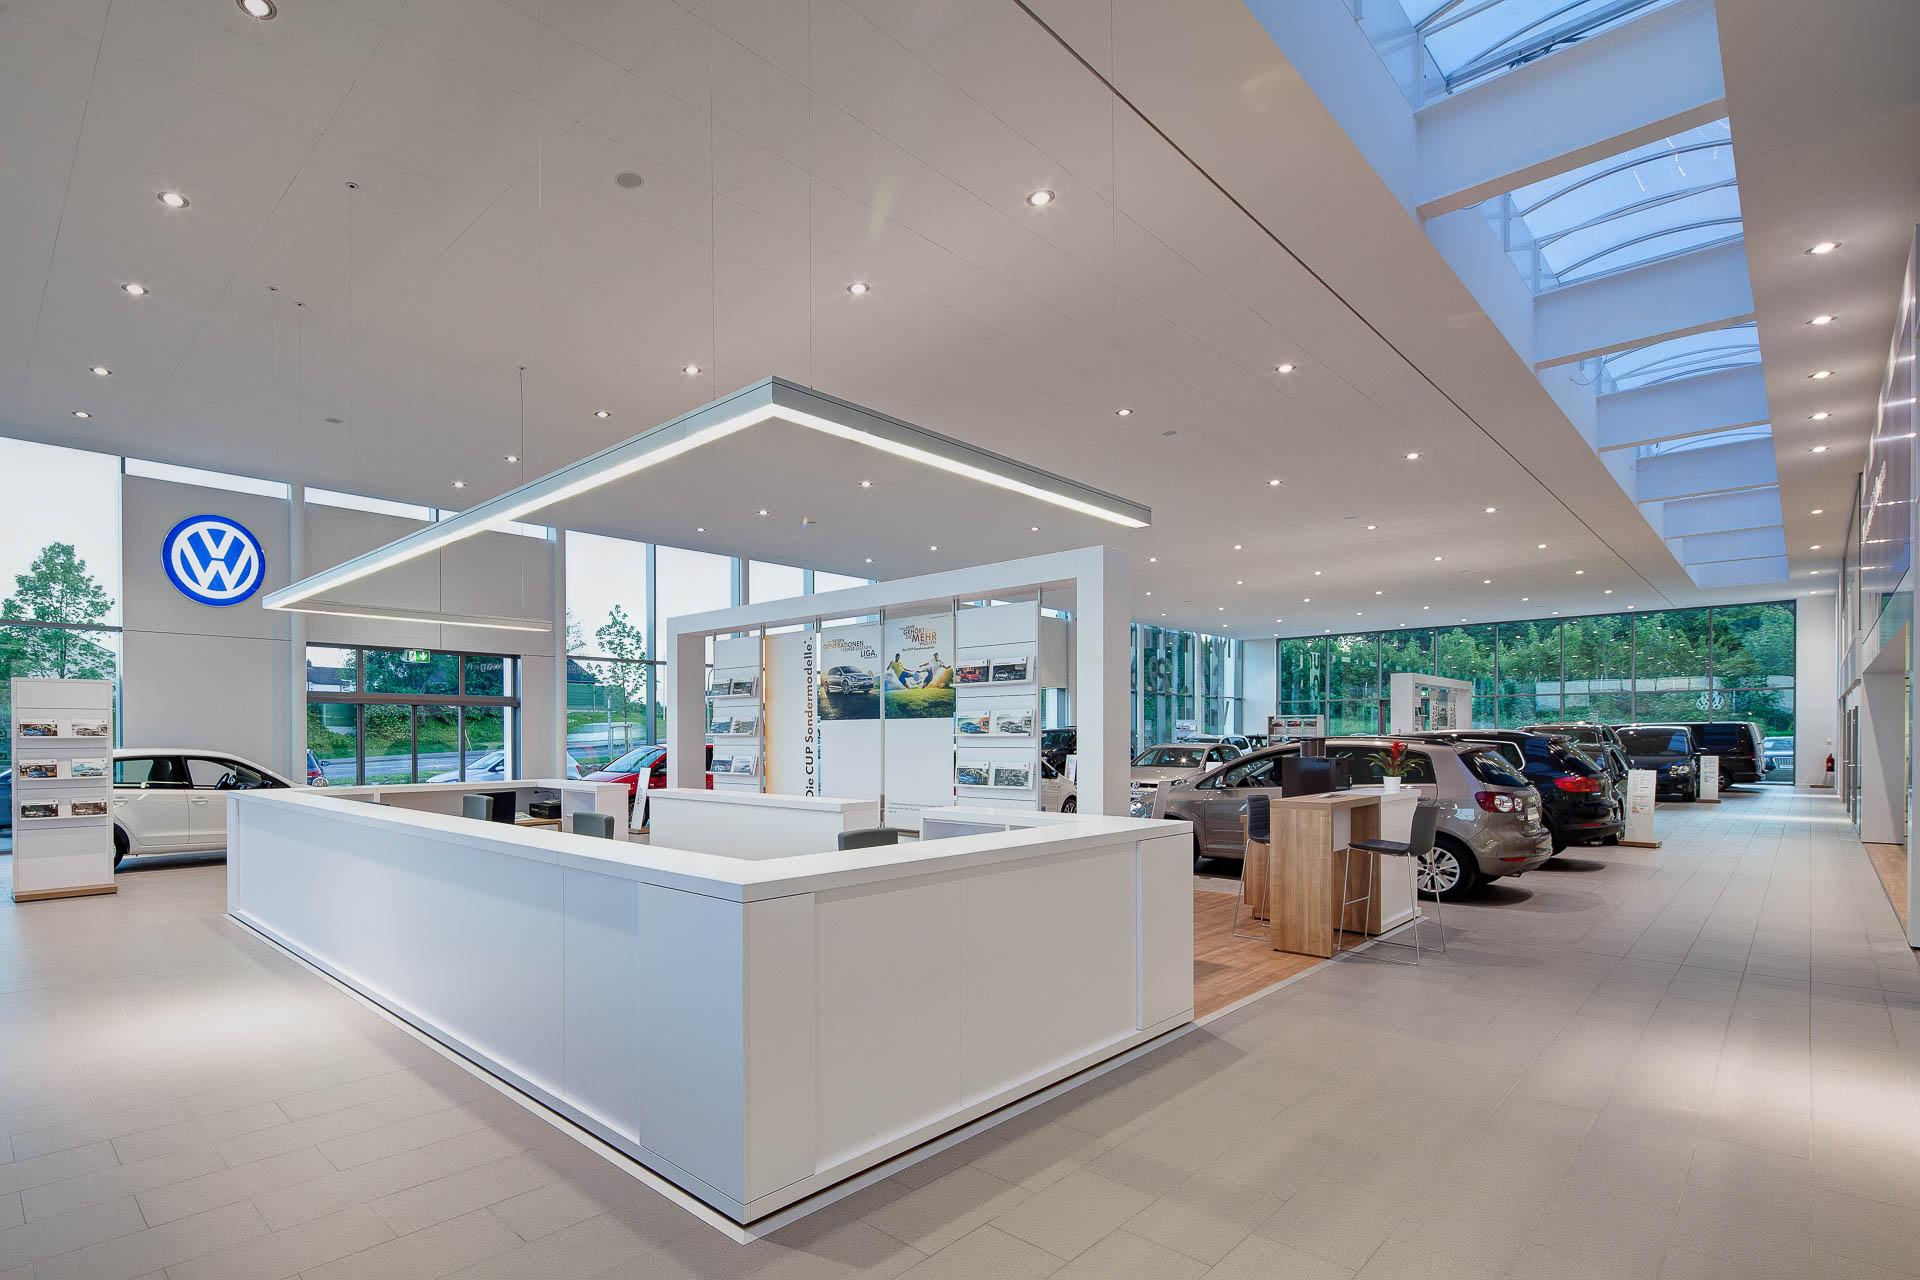 Professionelle Innenarchitekturfotografie im VW- Autohaus